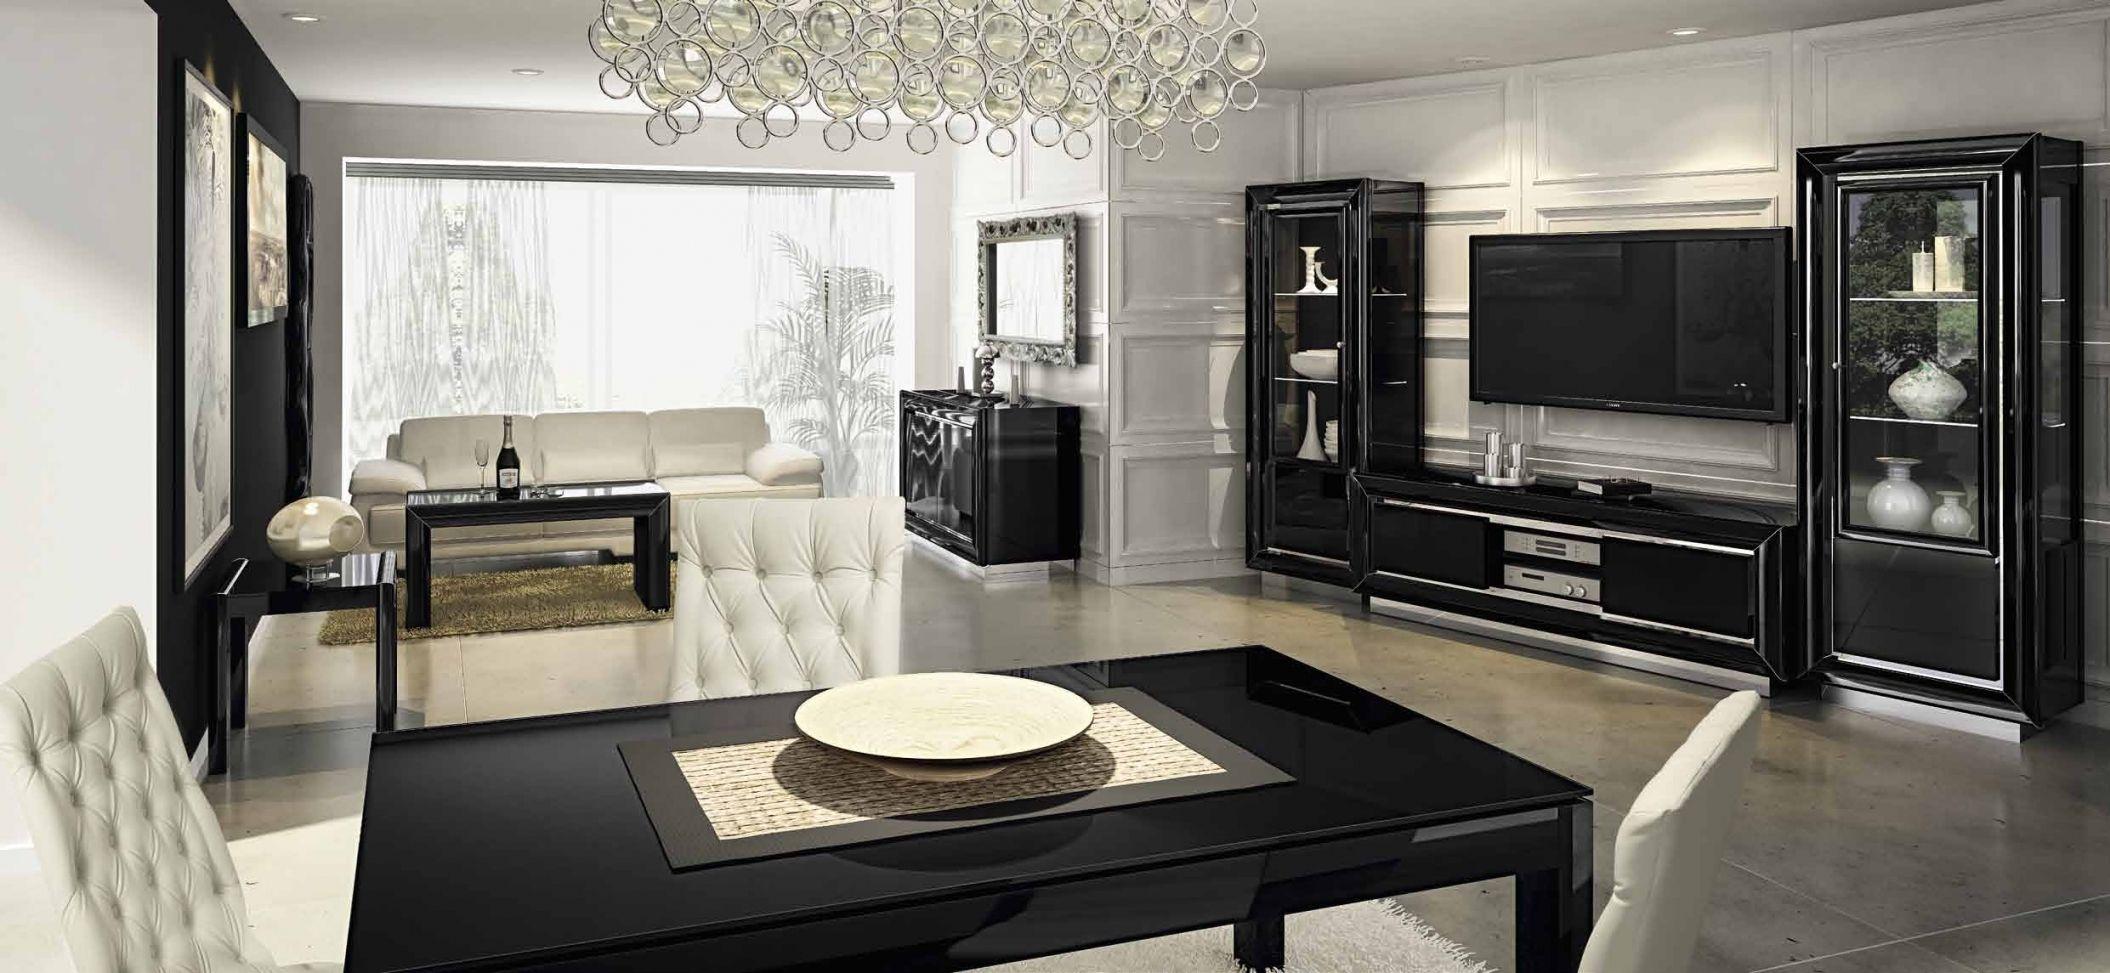 Maskulin Wohnzimmer Ideen Mit Schwarzen Möbeln  Wohnzimmer ideen